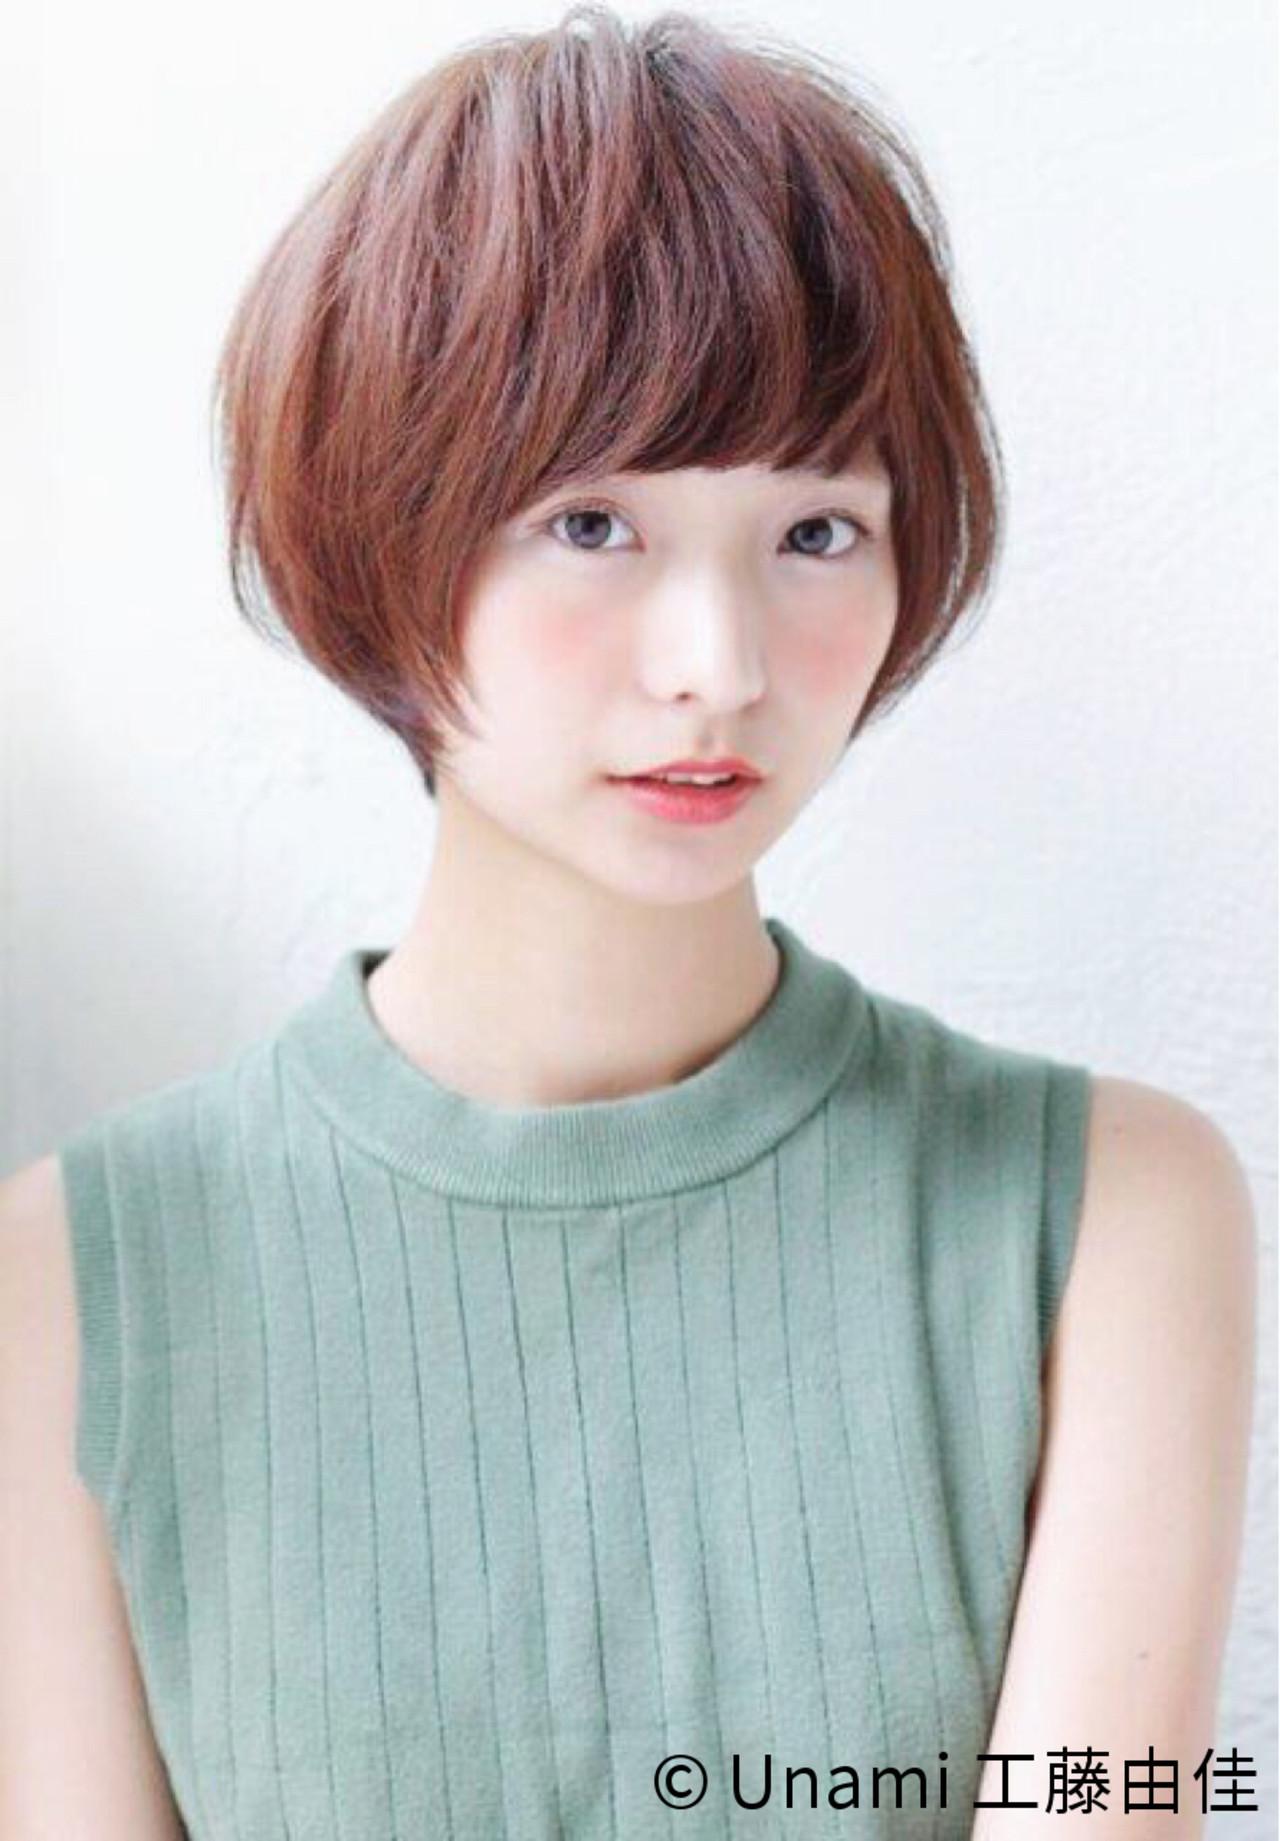 【丸顔さんに似合う髪型】ひし形シルエットの小顔効果でより可愛く♡ Unami 工藤由佳